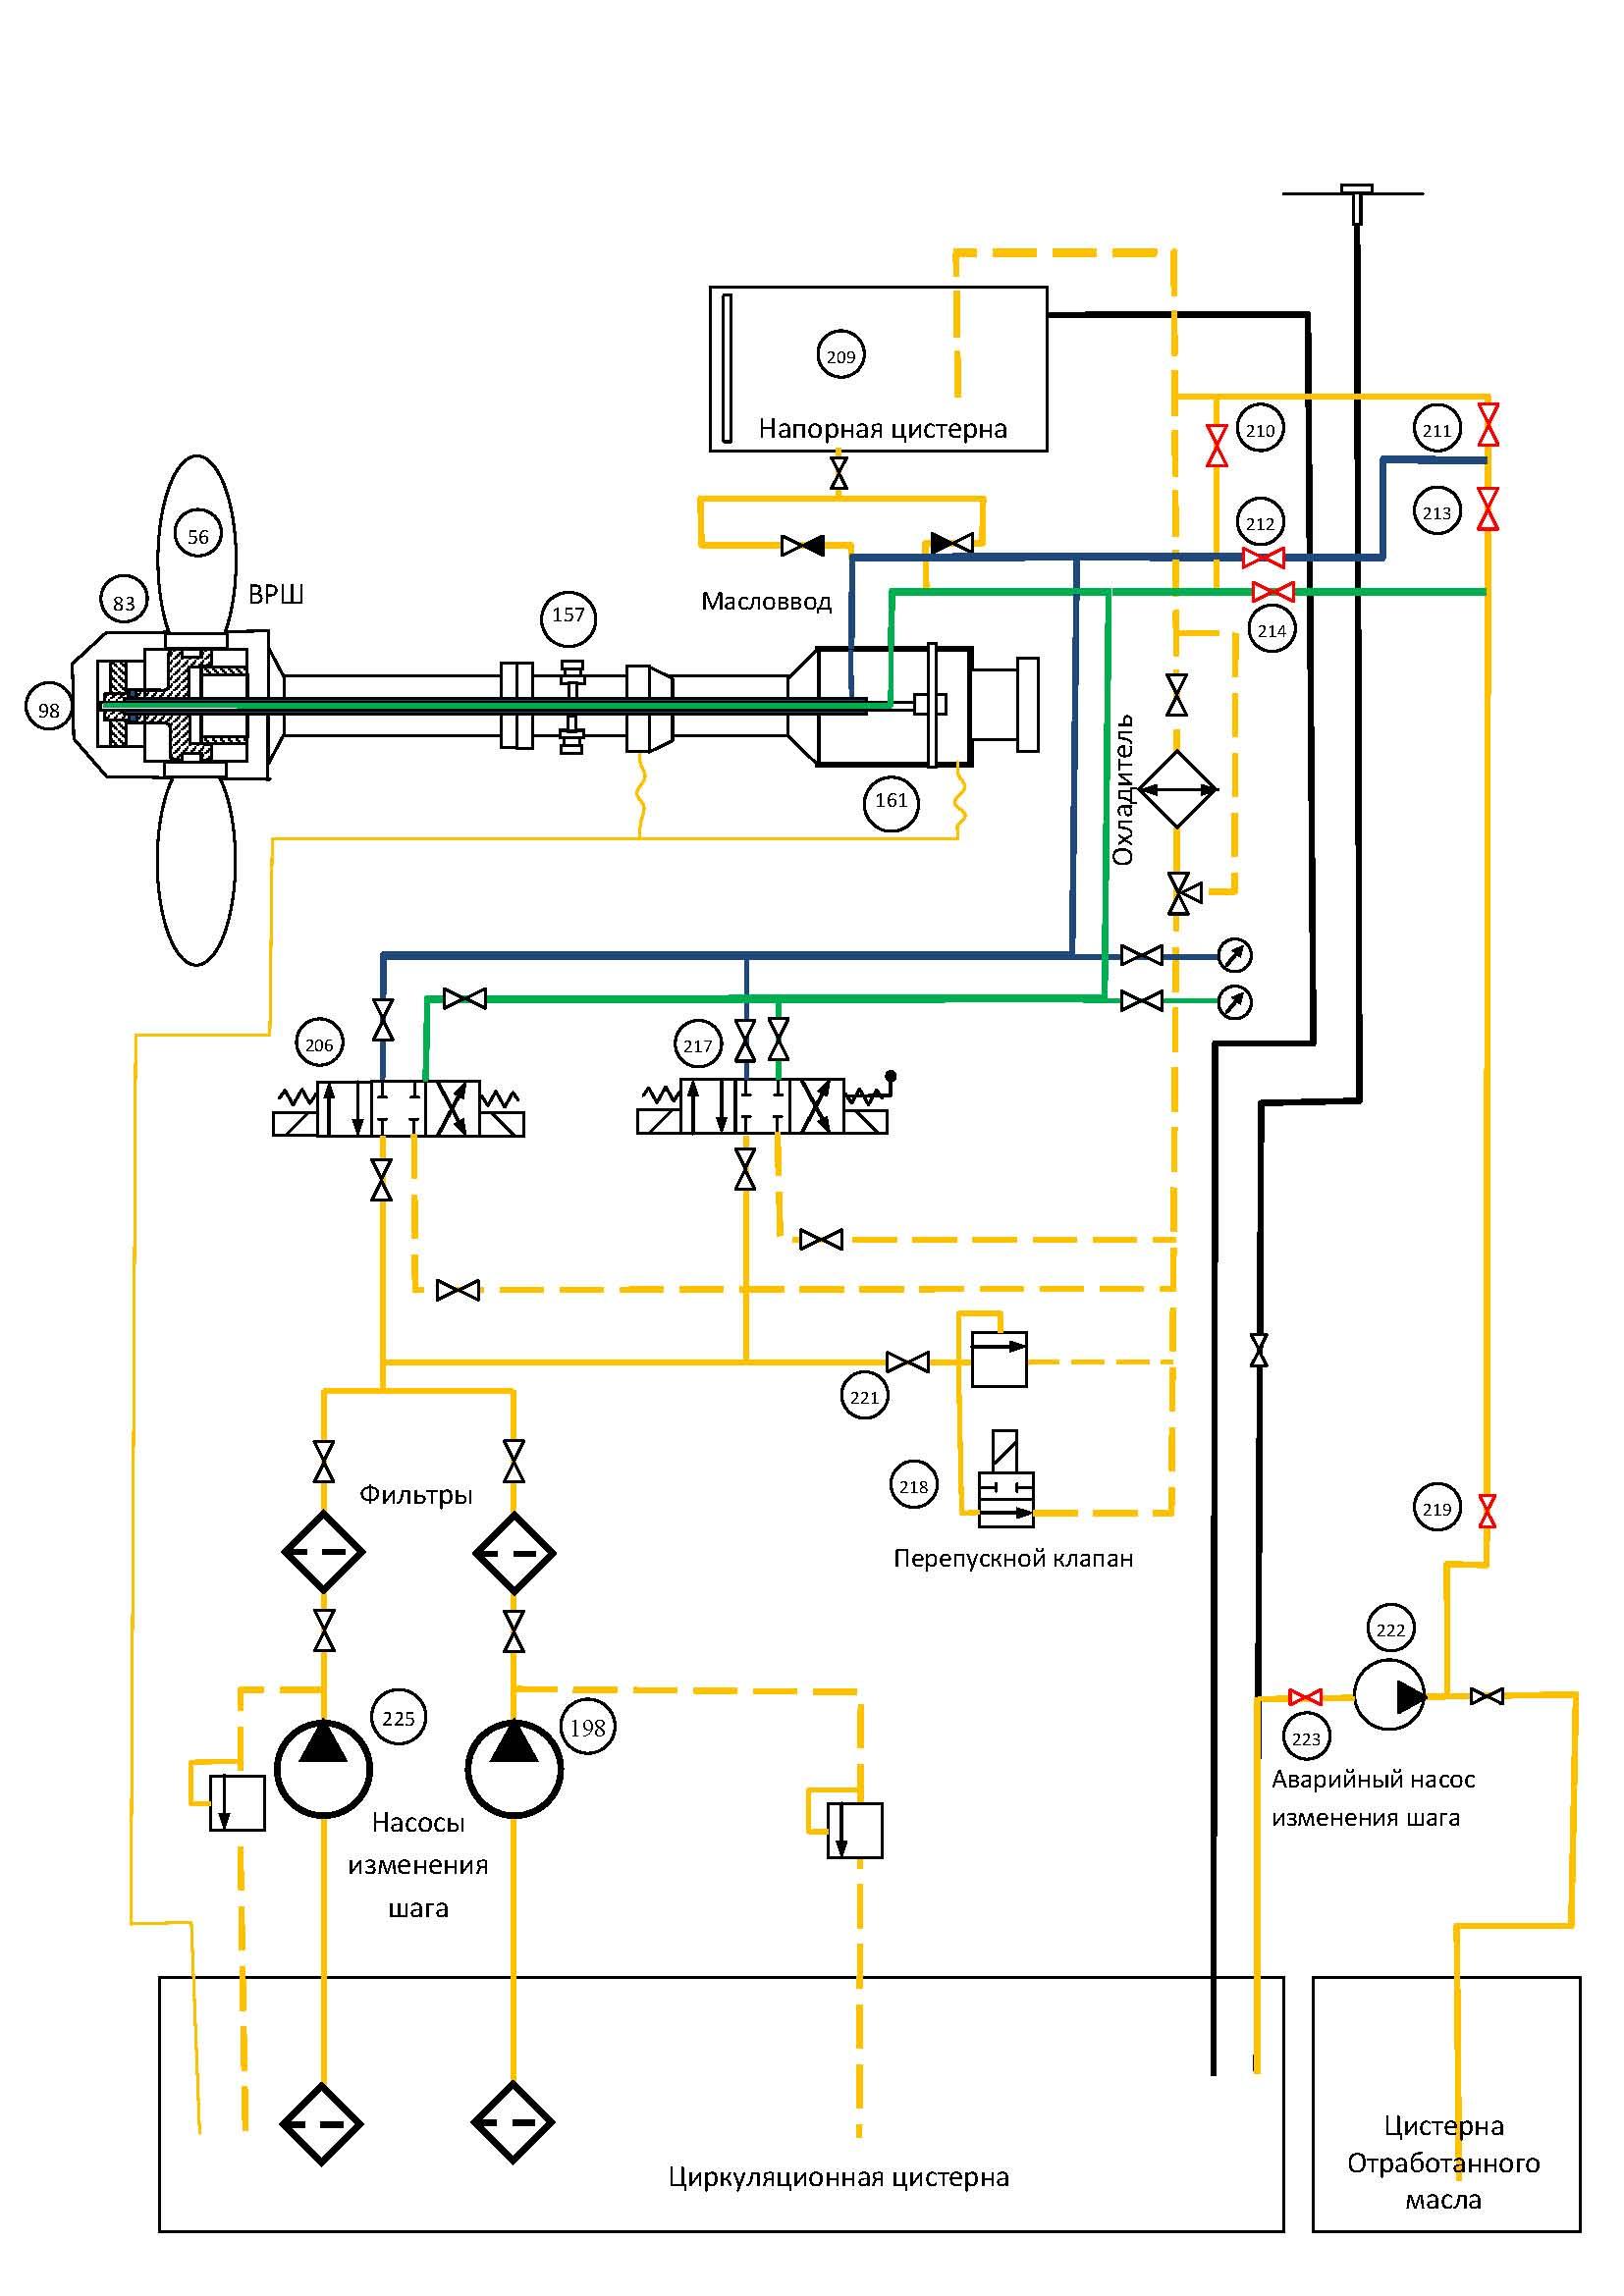 D:\AMИ\3 СЭУ\Kонспект СЭУ\62 ВРШ назначение, конструкция, принцип действия, особенности эксплуатации\2 ВРШ Схема маслянной системы.jpg